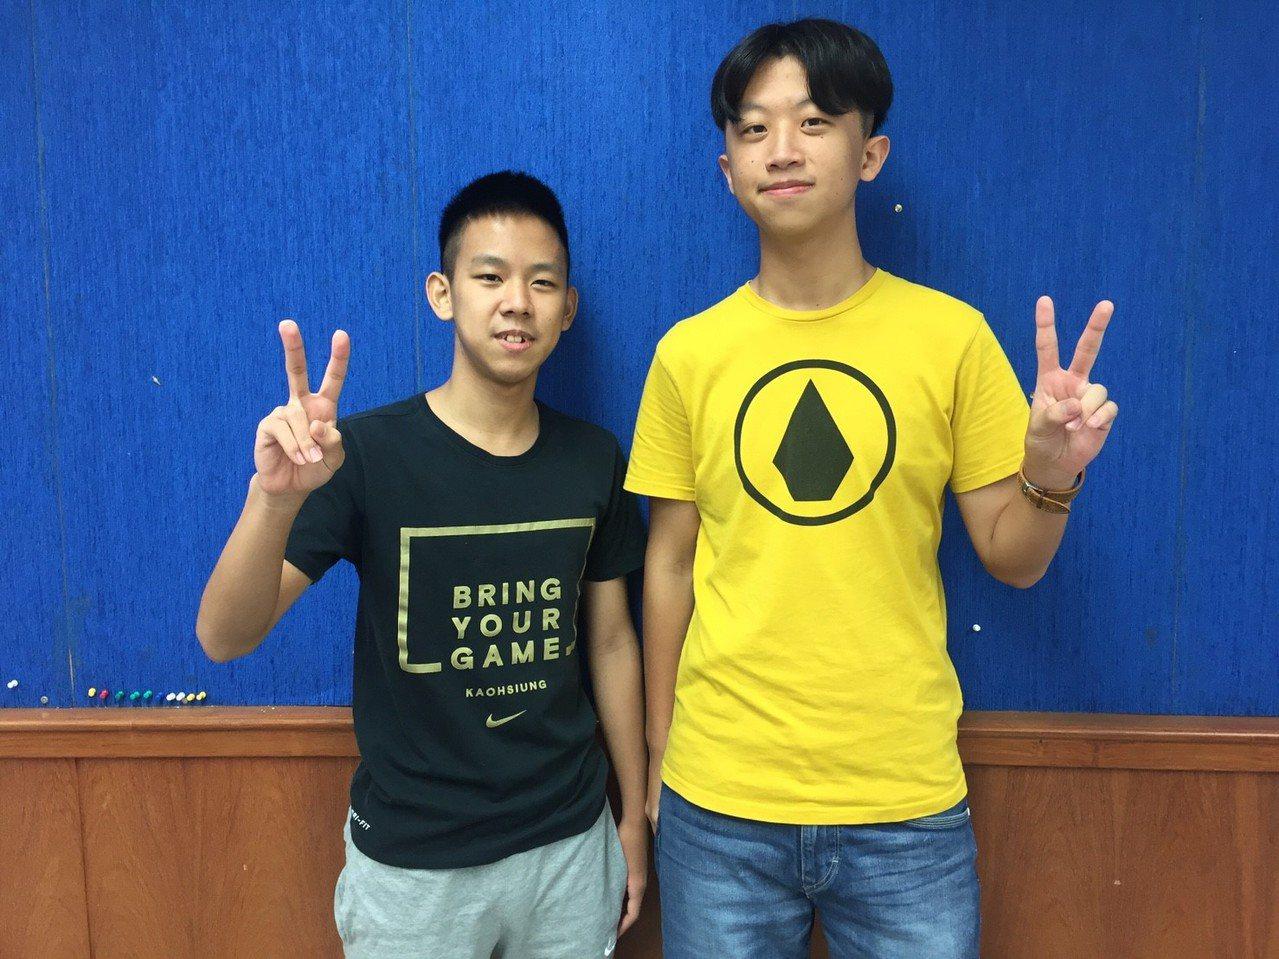 竹北高中學生陳思維(左)、王睿為(右),兩人都是黑馬,分別考上政大法律及中山財務...